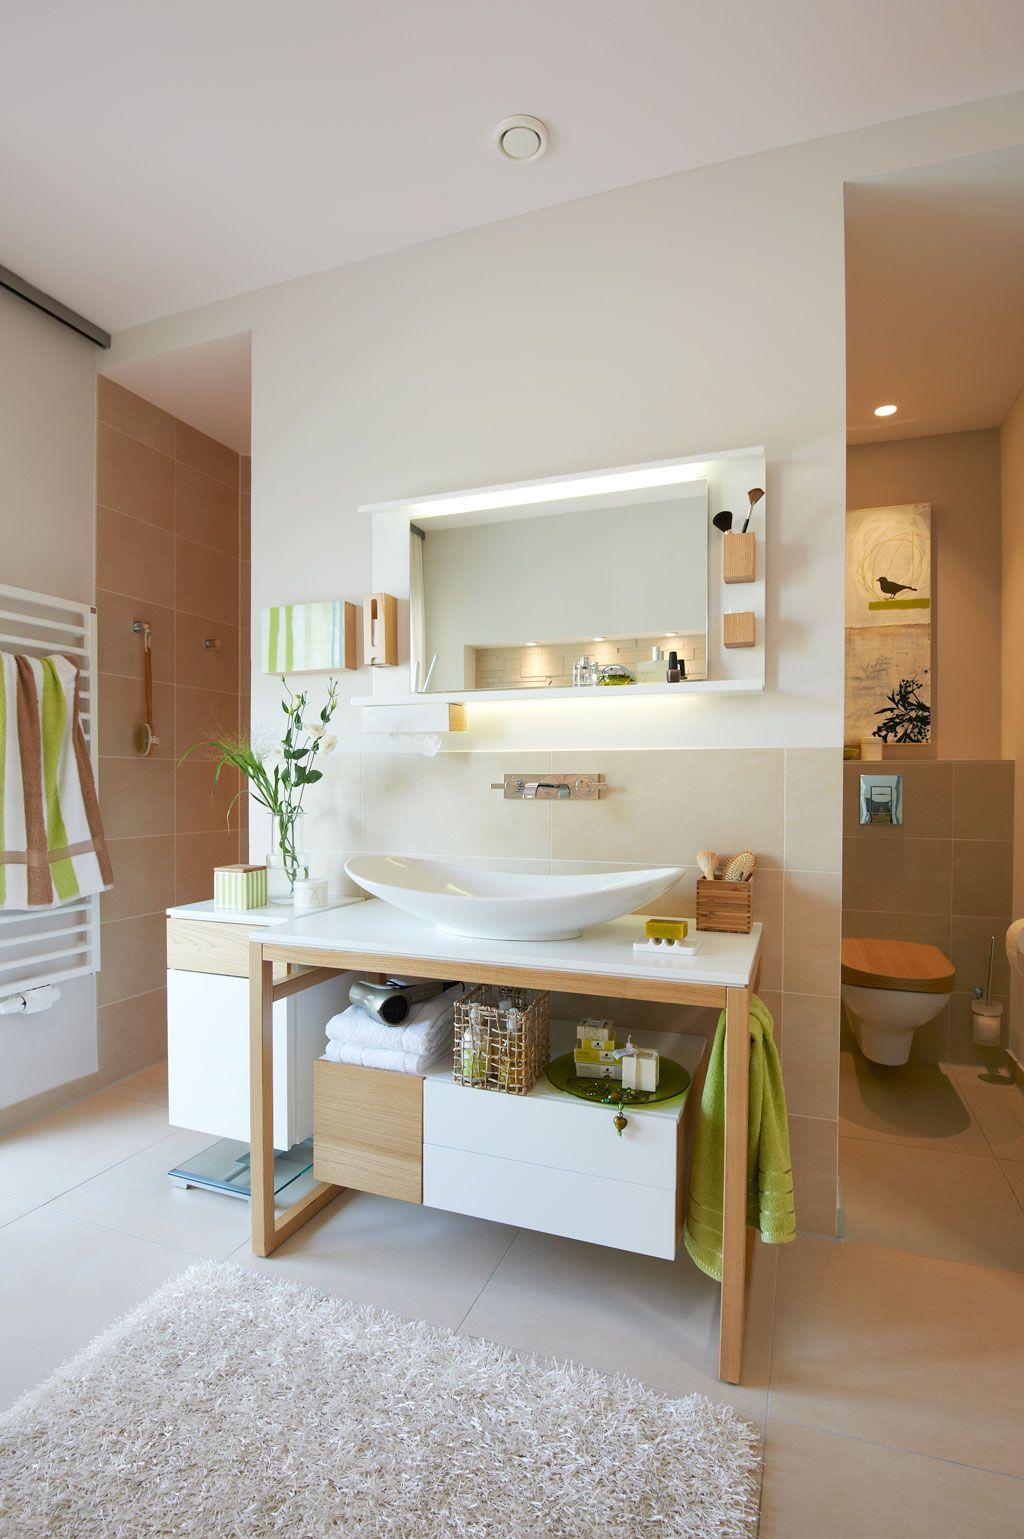 badezimmer t form. Black Bedroom Furniture Sets. Home Design Ideas